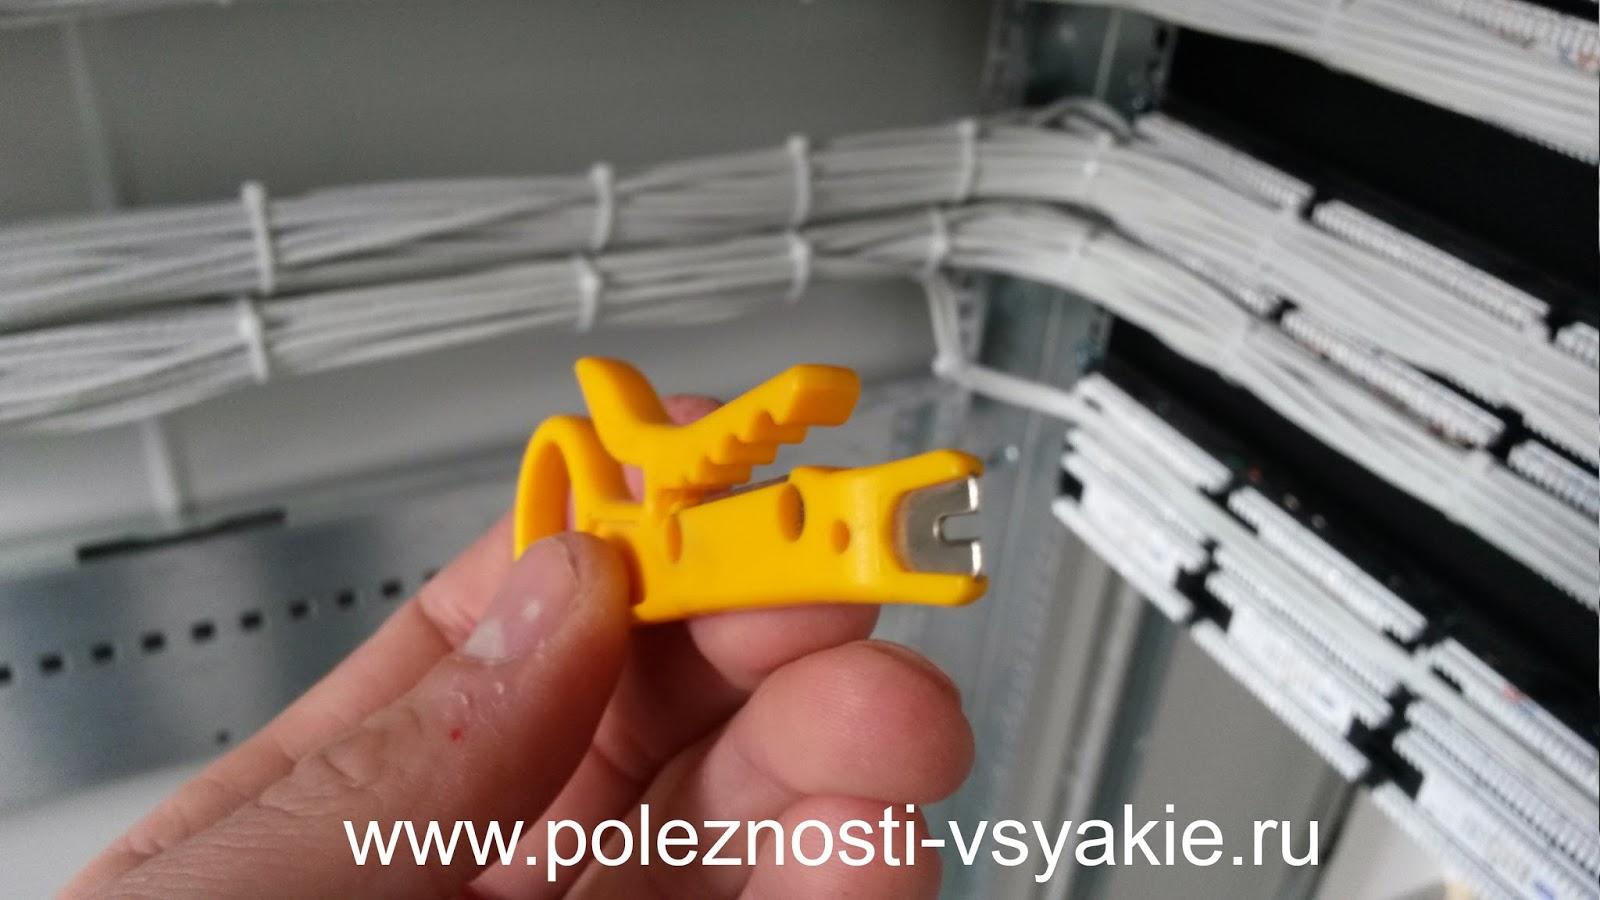 Стриппер, которым можно зачищать витую пару и заводить кабель в кросс панель